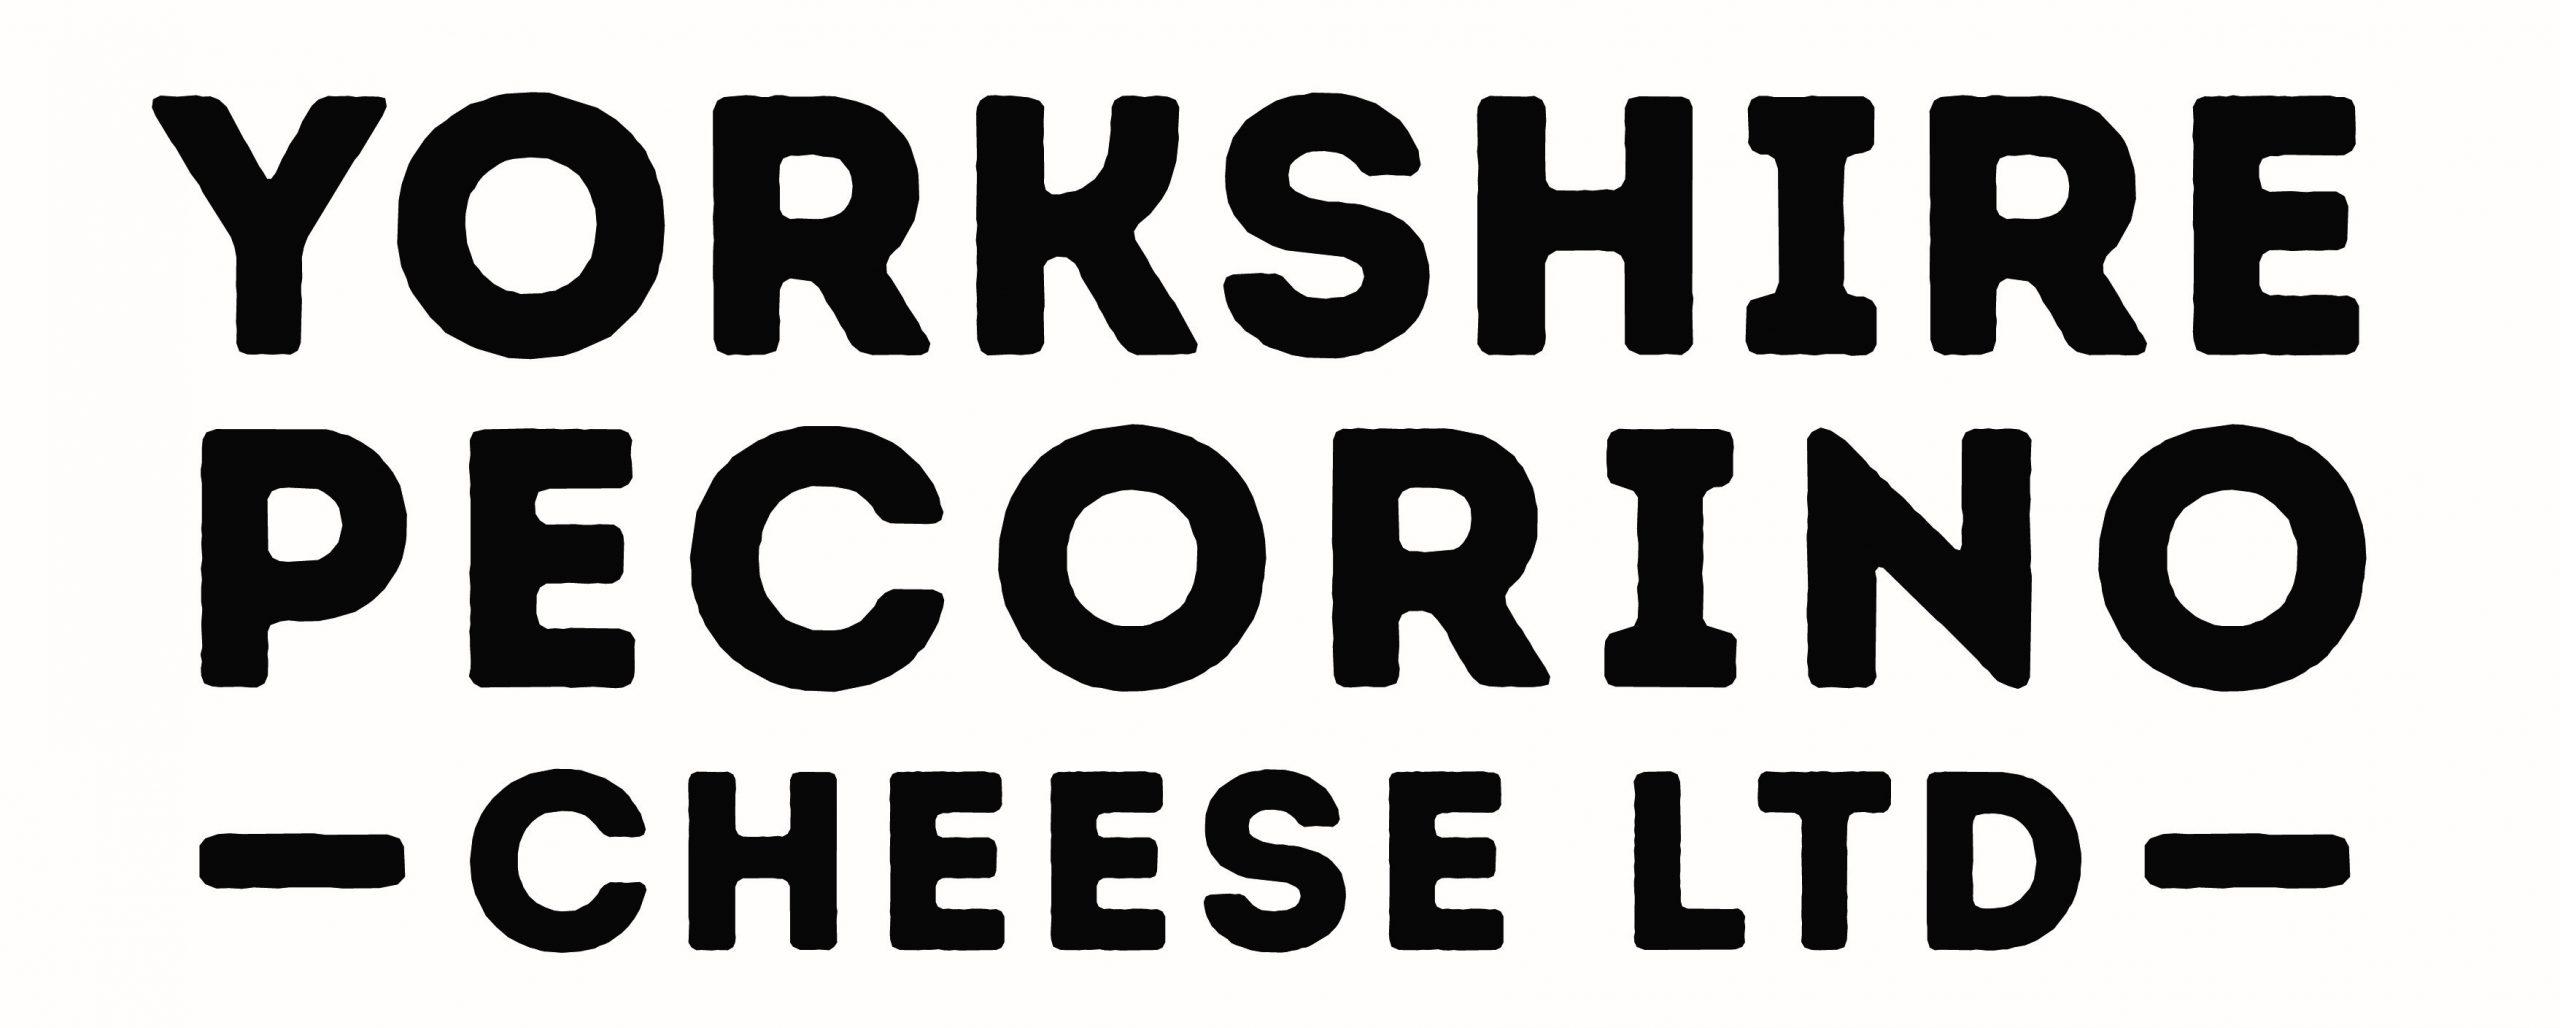 Yorkshire Pecorino